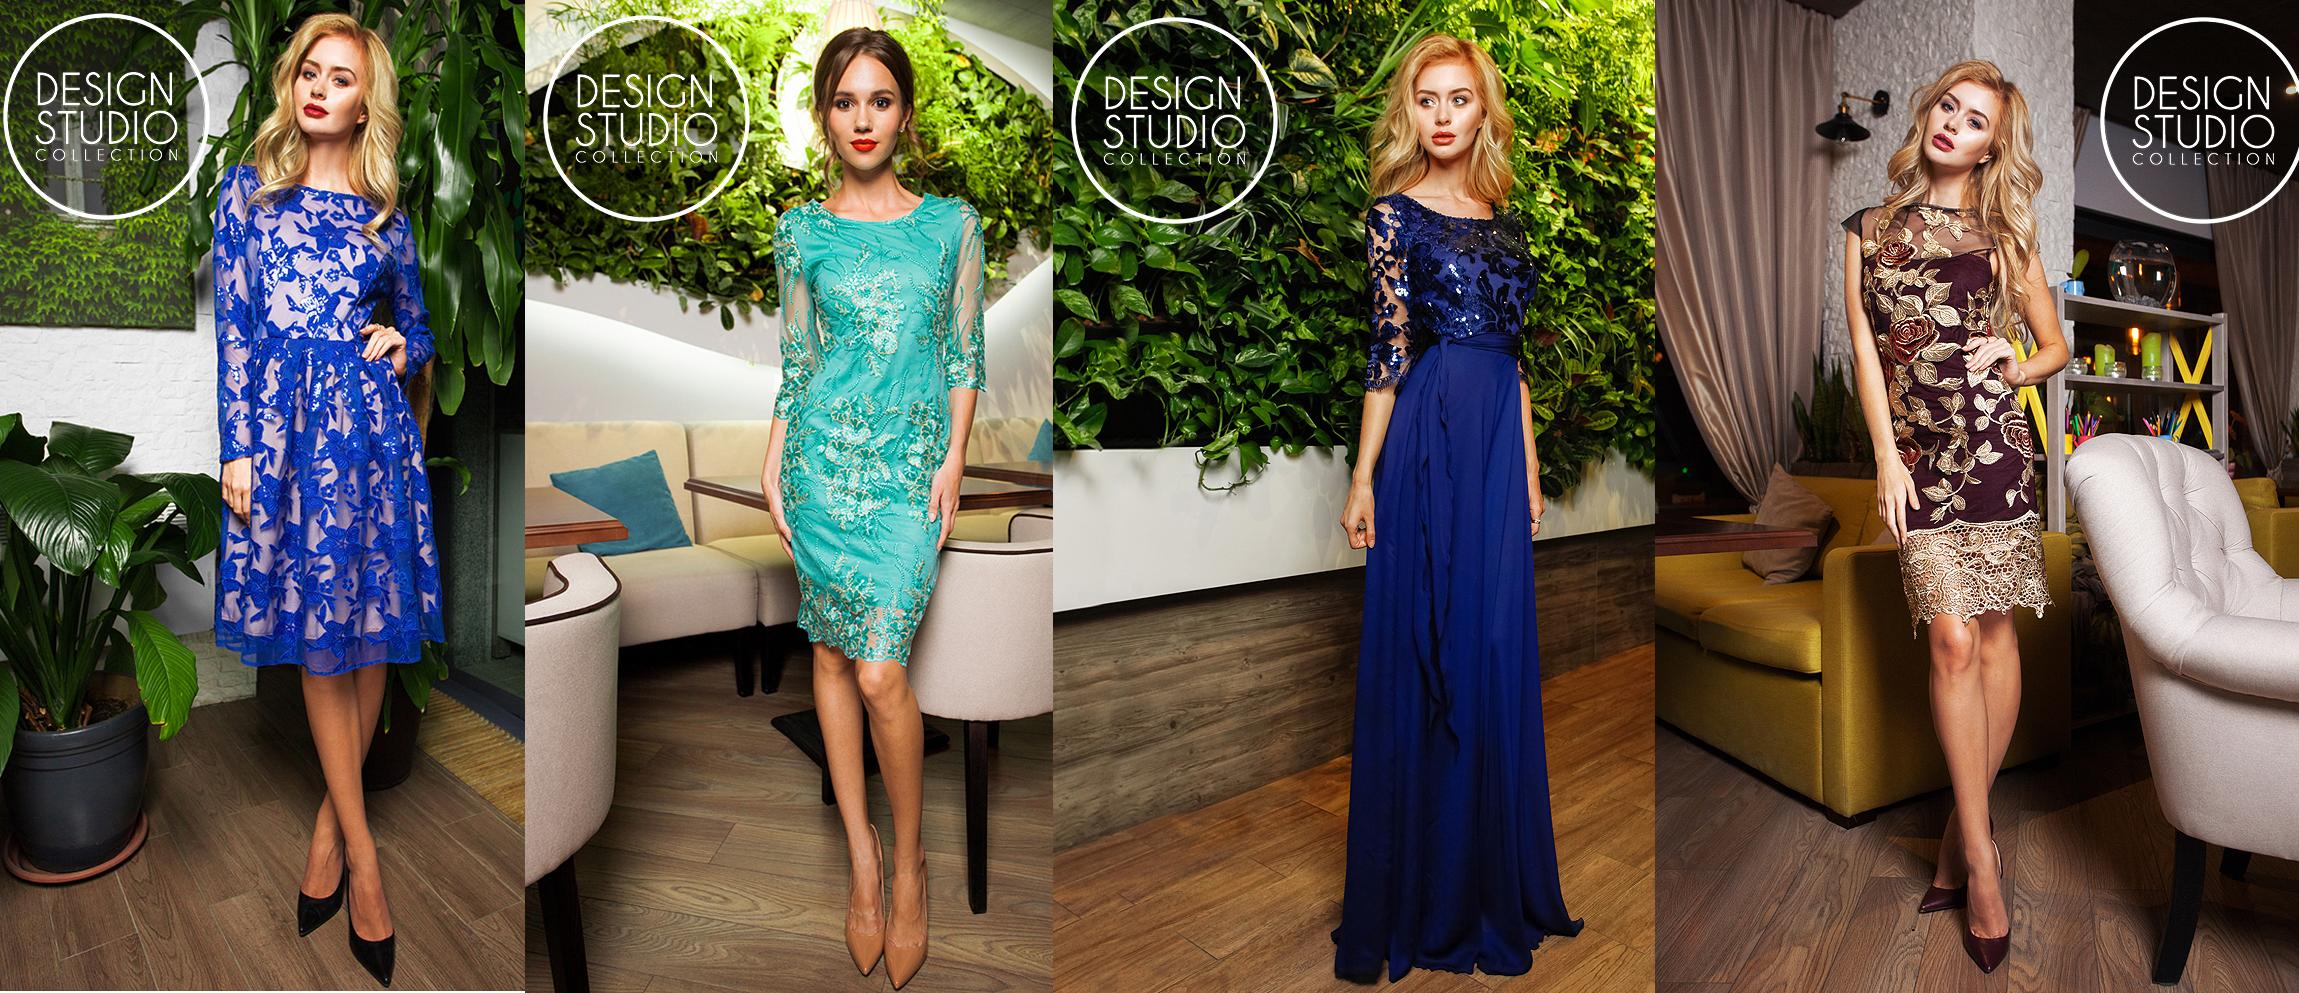 Невероятно красивые,роскошные платья от фирмы DSC.Новая коллекция!!Готовимся к праздникам,не тратя много денег!А так же